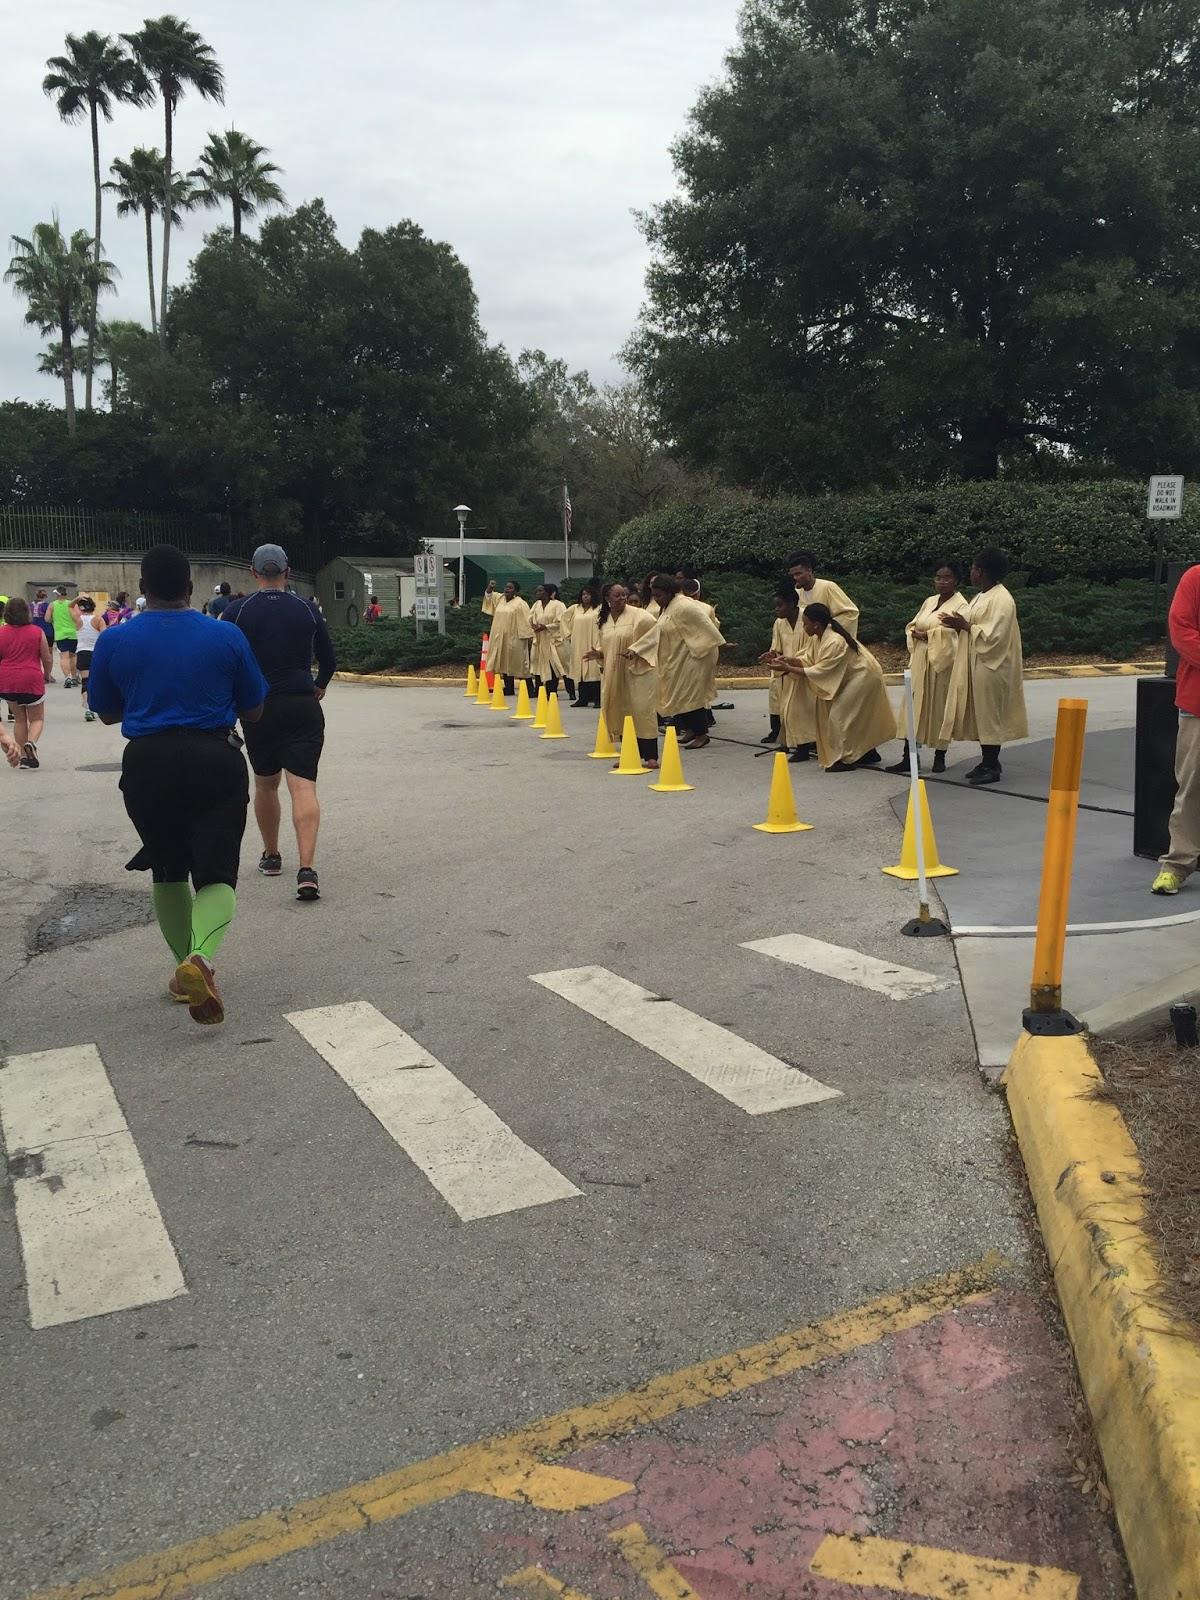 Dopey Challenge Mickey Marathon 2016 Disney's Choir